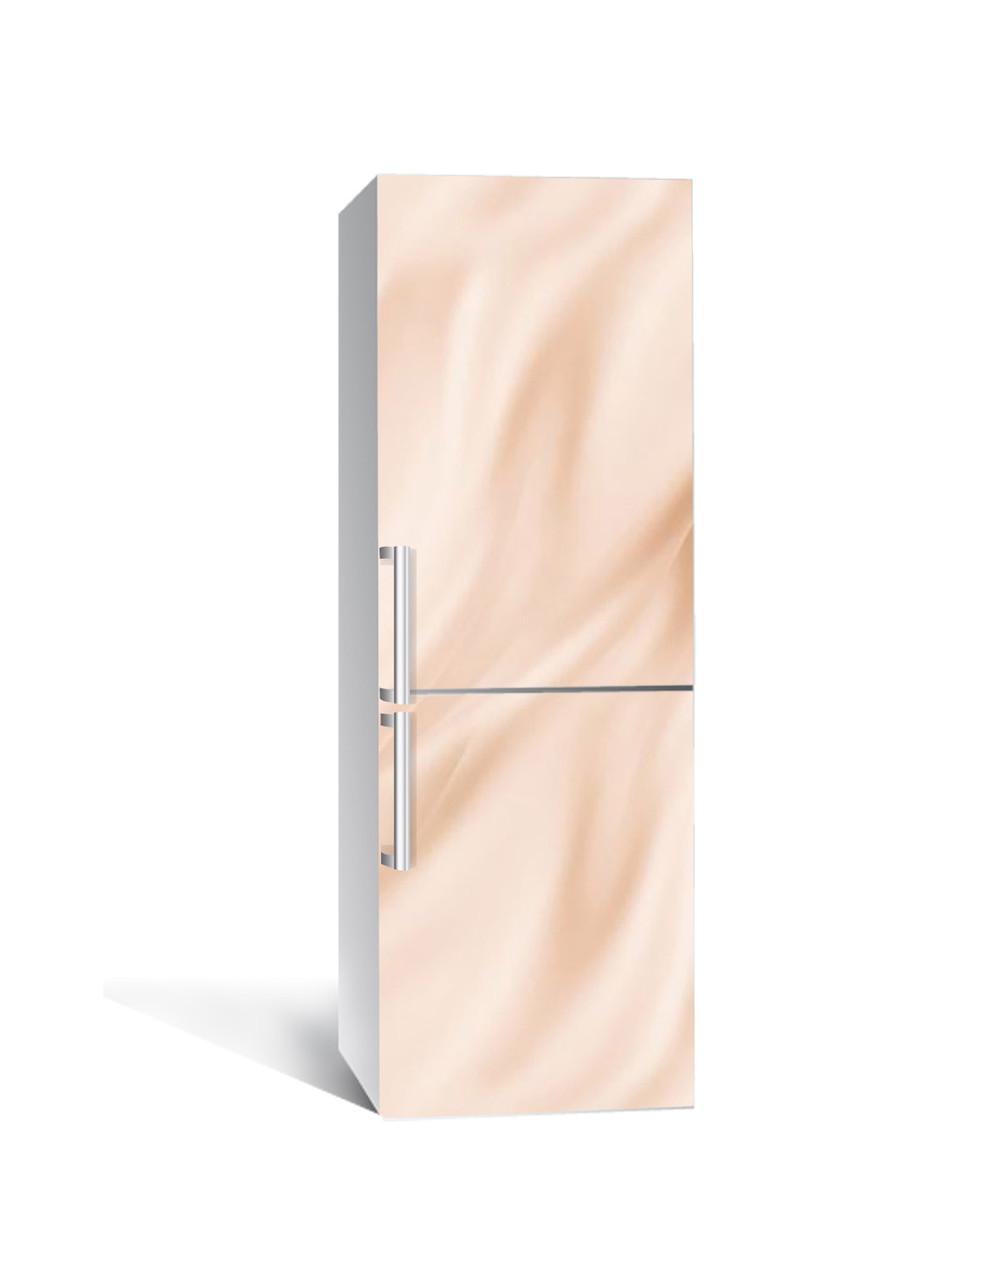 Вінілова наклейка на холодильник 3Д Ніжний шовк (плівка ПВХ з ламінуванням) 65*200см Текстура Бежевий